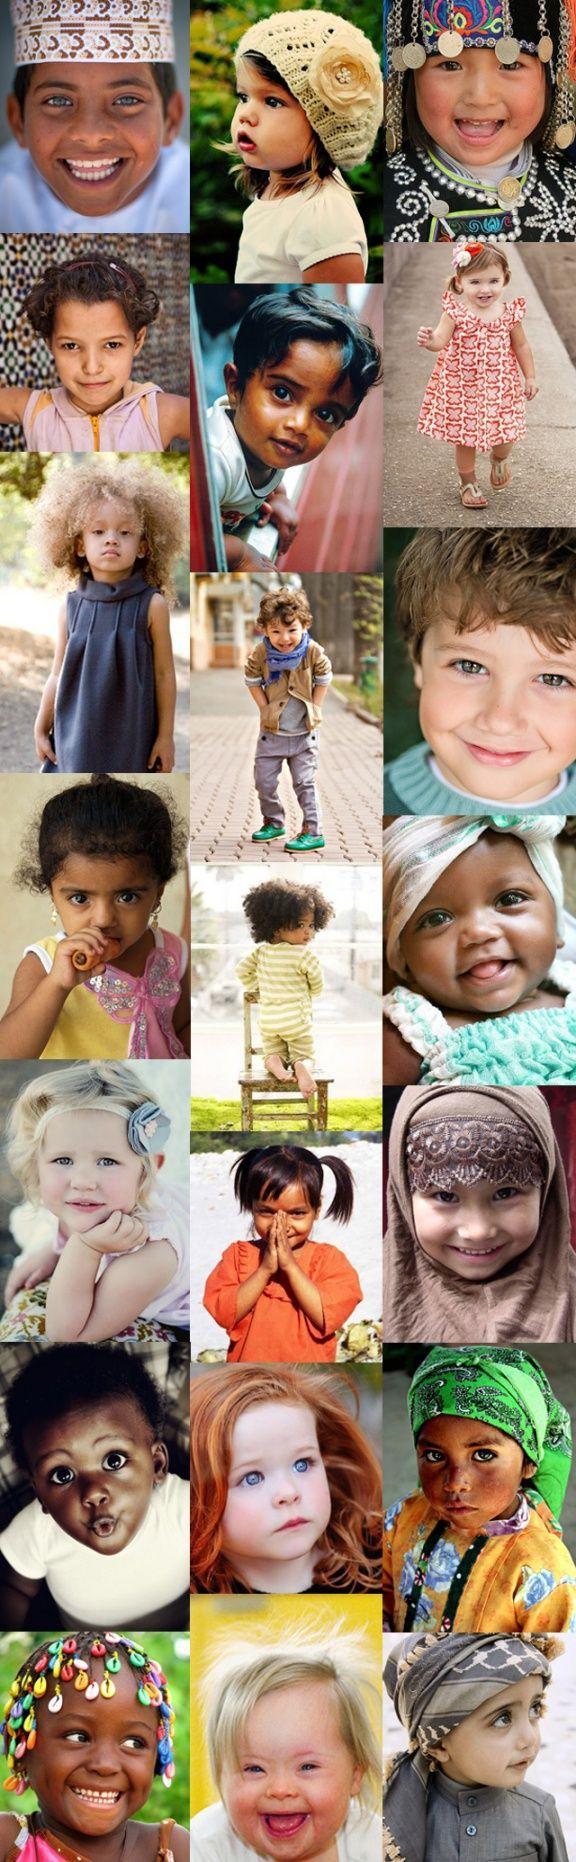 Enfants du monde, montage réalisé avec des photos trouvées sur internet.